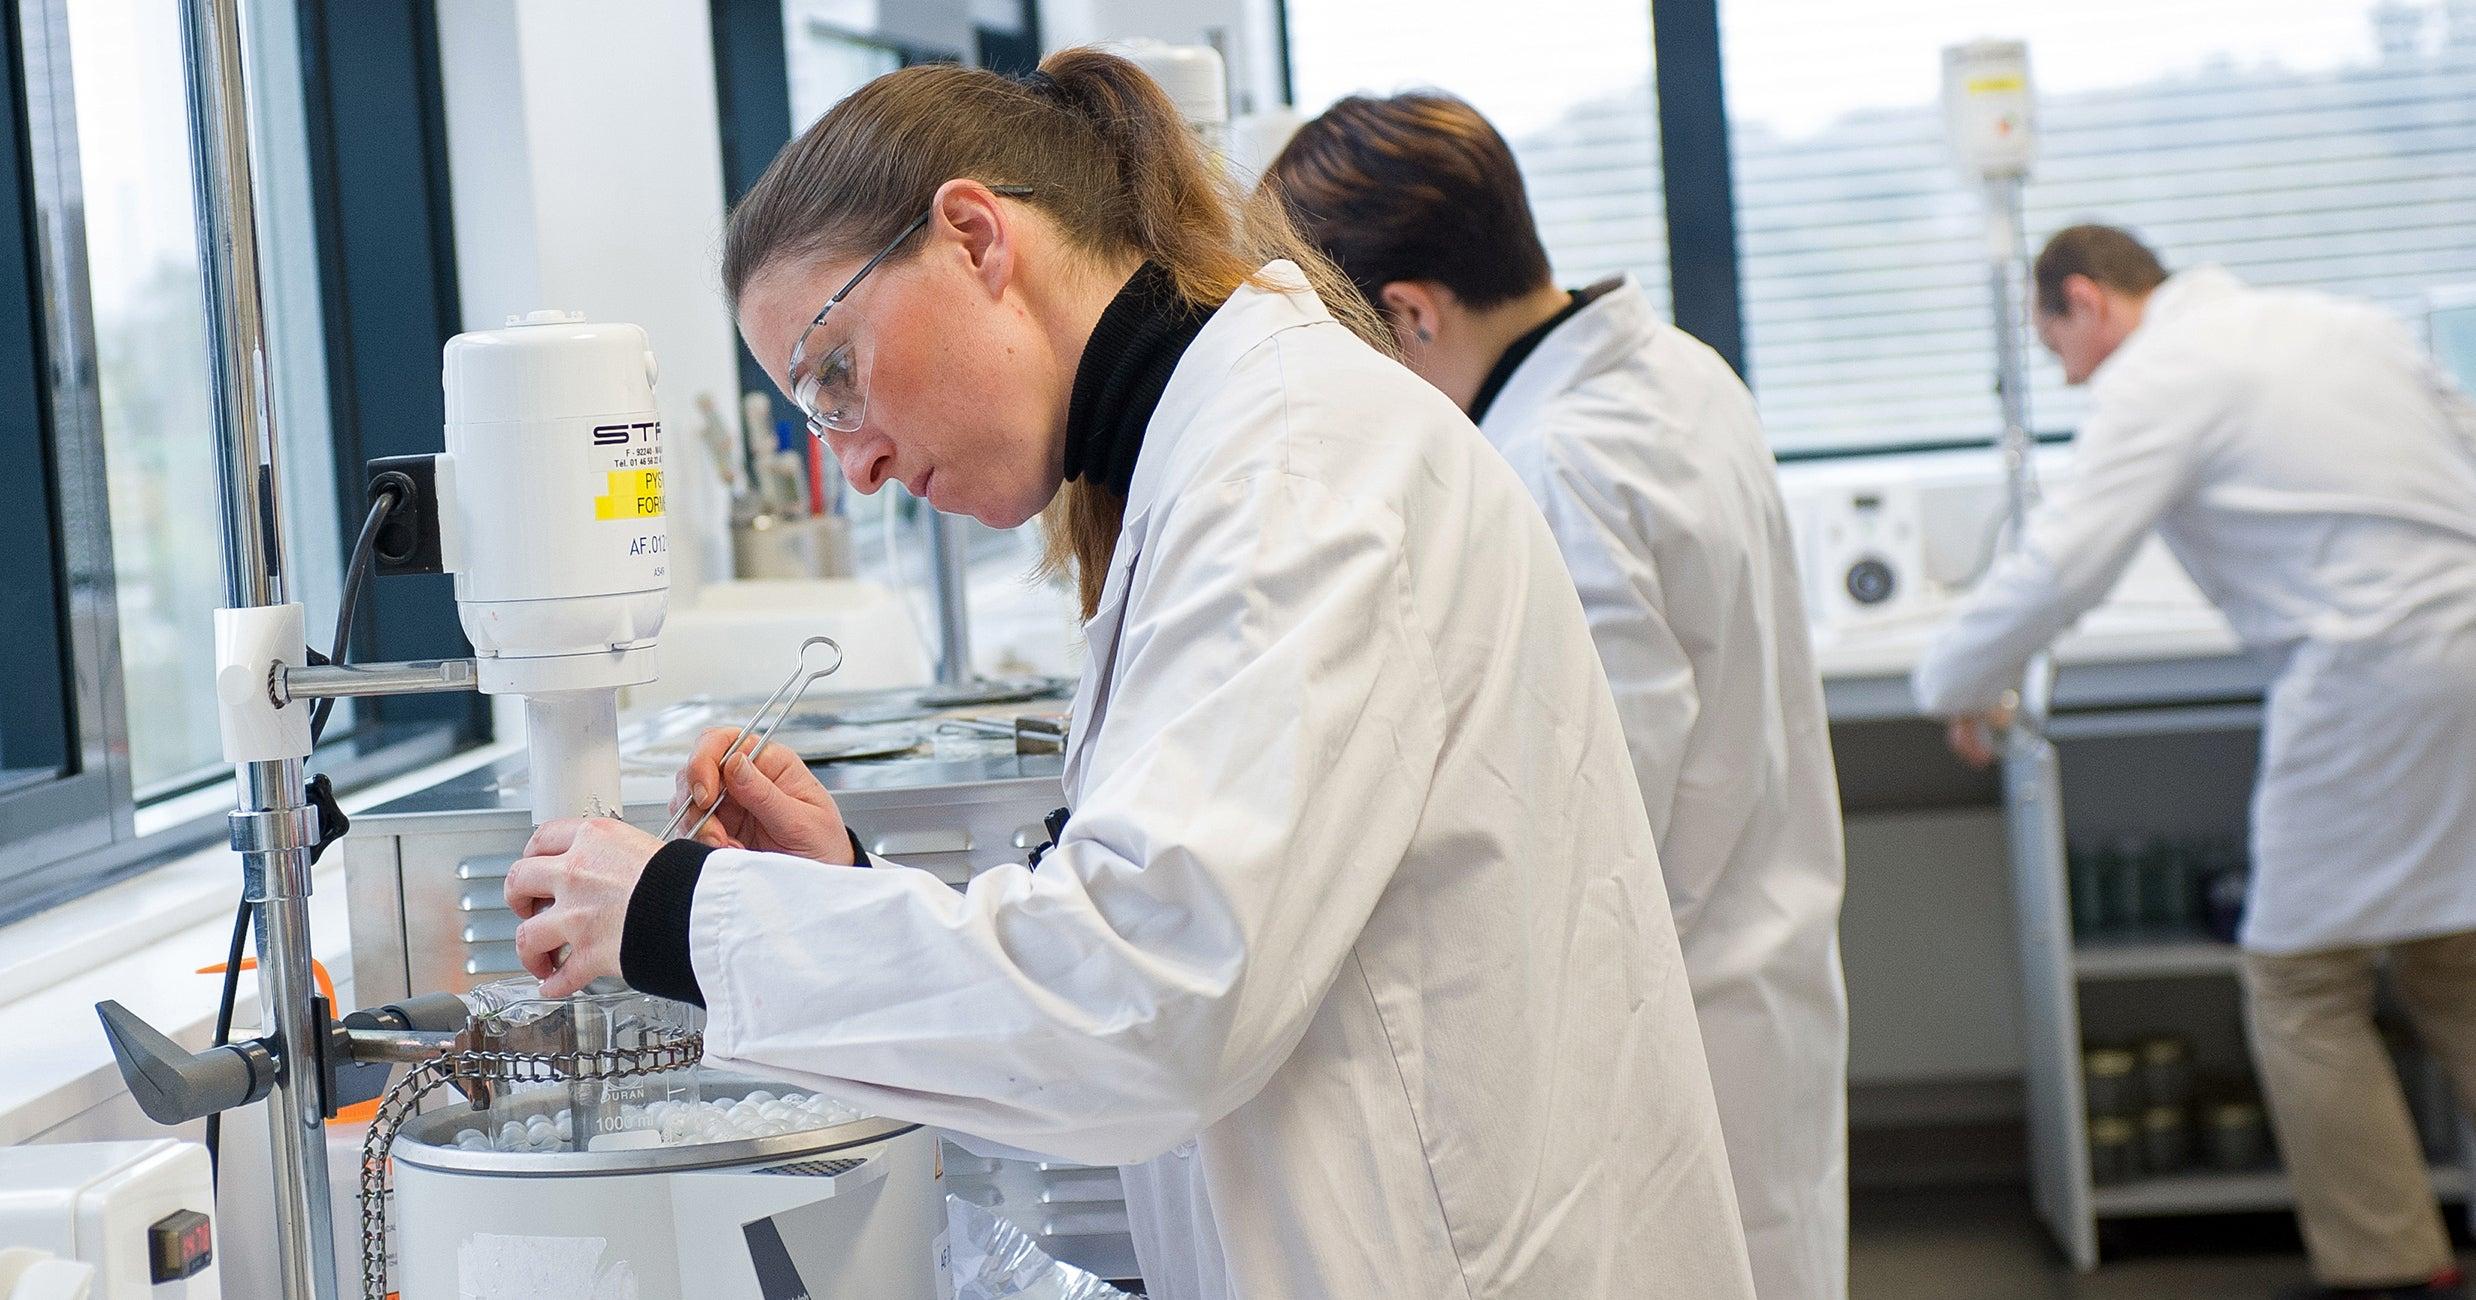 Coronavirus : LVMH mobilise ses usines pour la production de gel hydroalcoolique